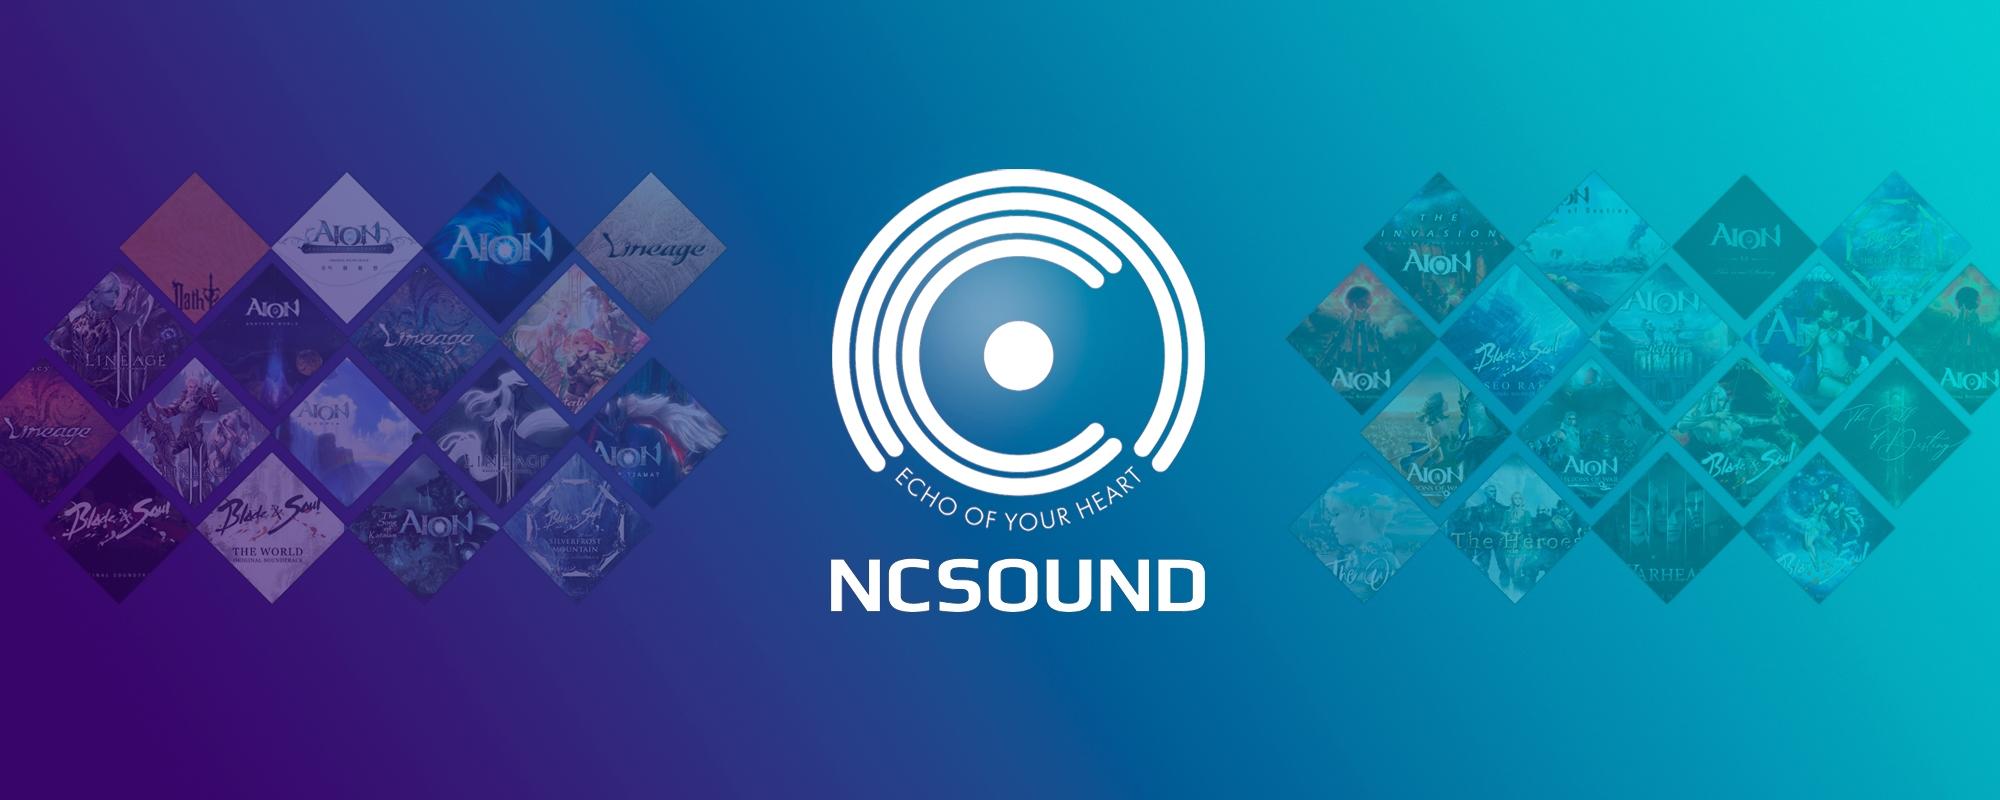 엔씨(NC), 게임 OST 피아노 악보 발매